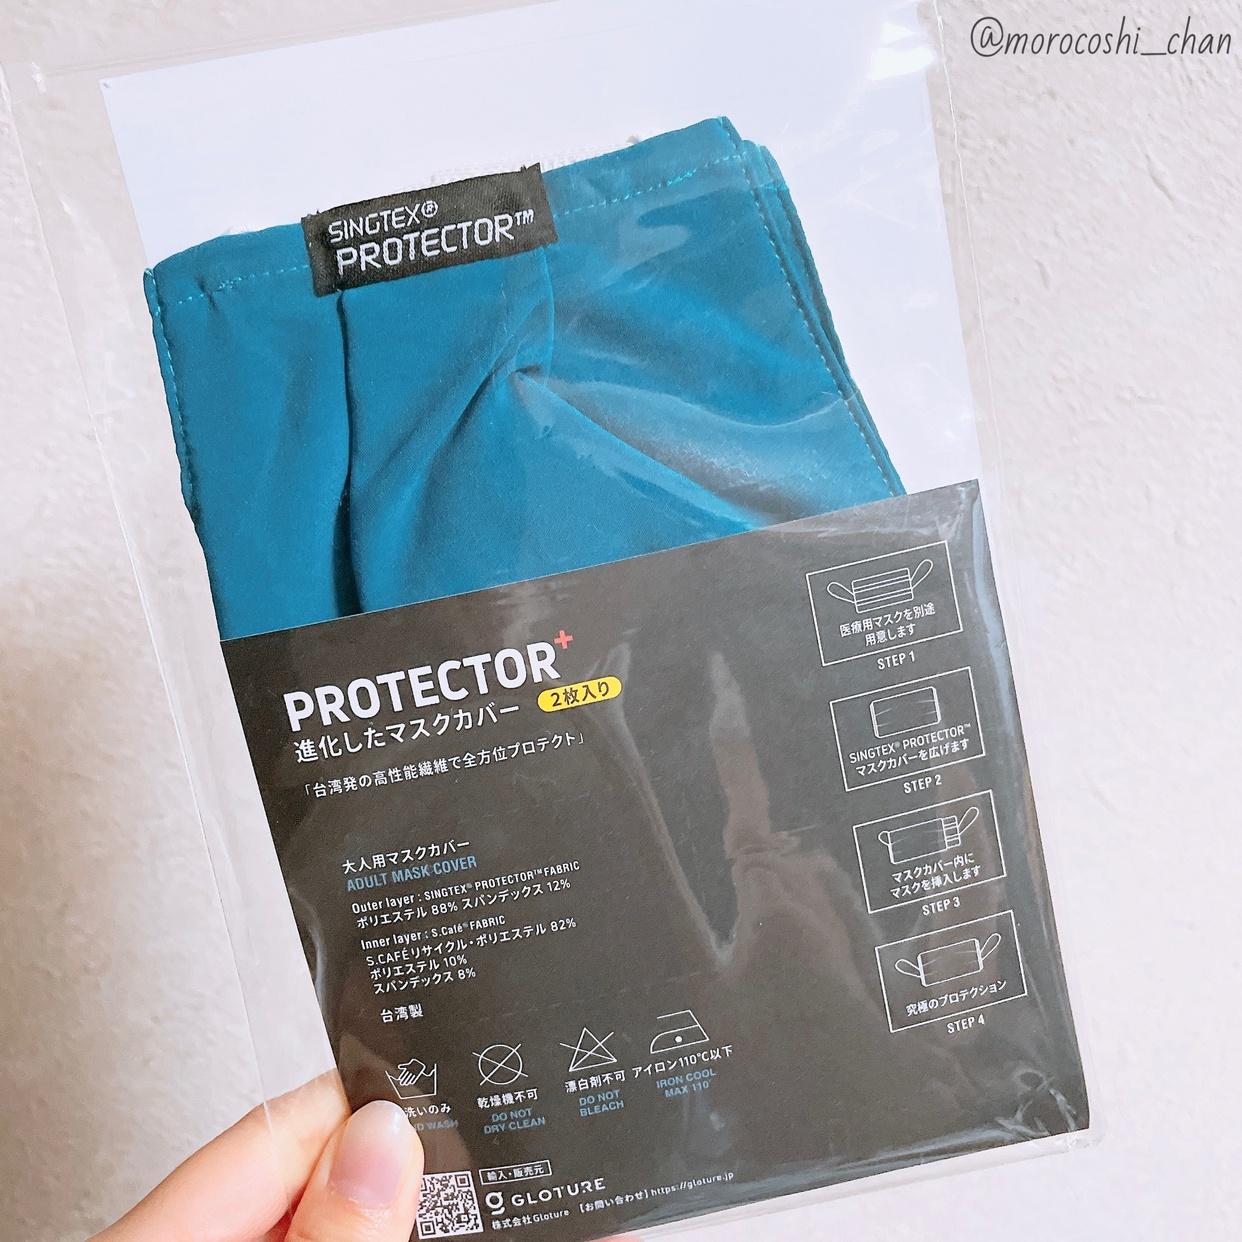 SINGTEX PROTECTOR+(シングテックス プロテクタープラス) マスク カバーを使ったもろこしちゃん🌽さんのクチコミ画像2